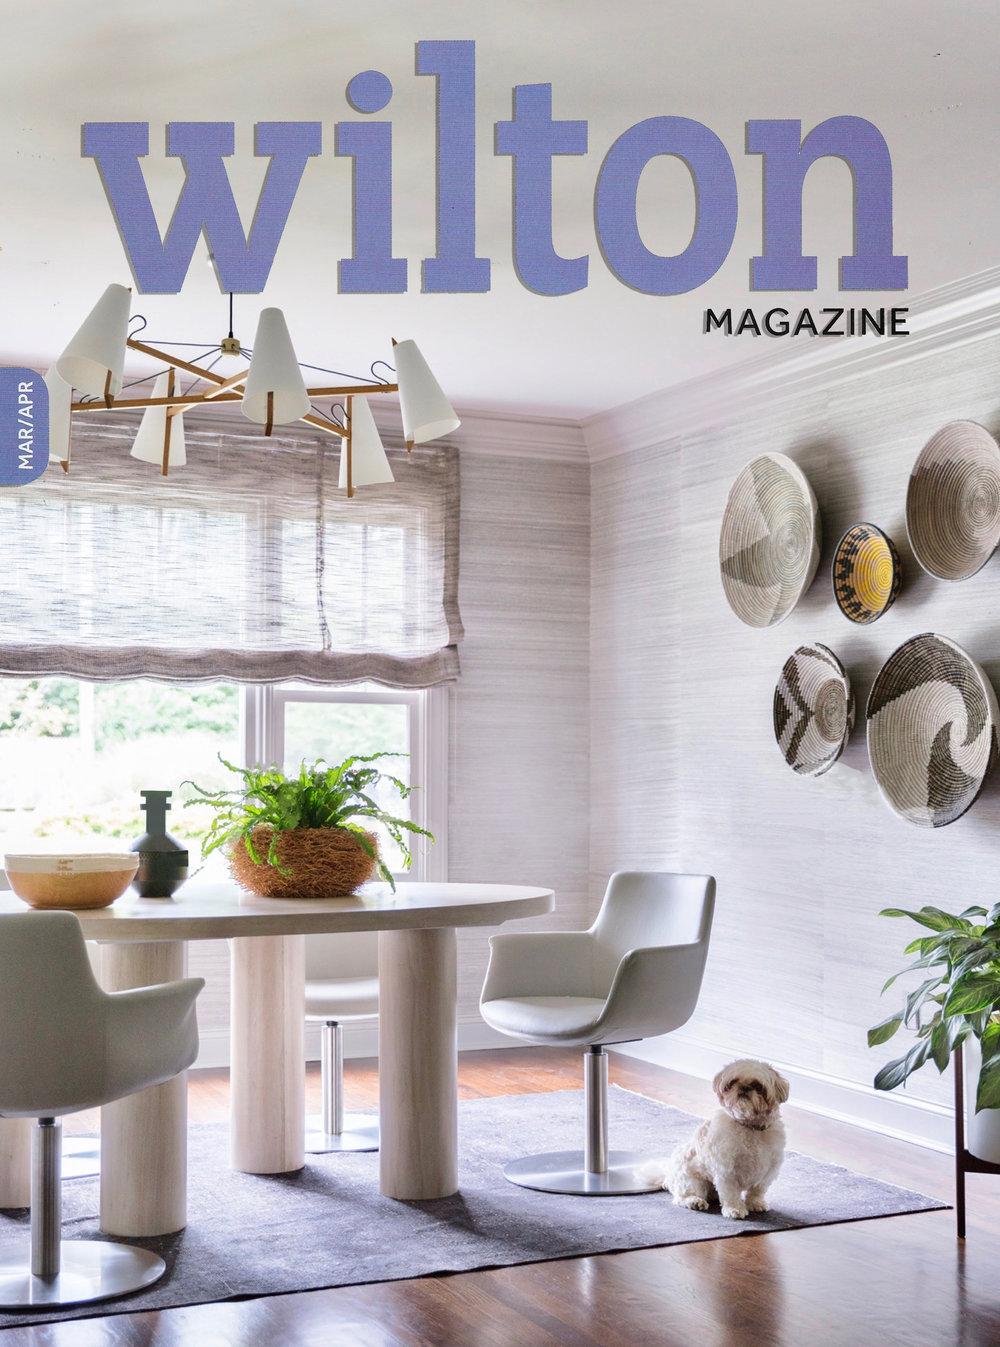 Wilton Magazine - Mar/Apr 2019